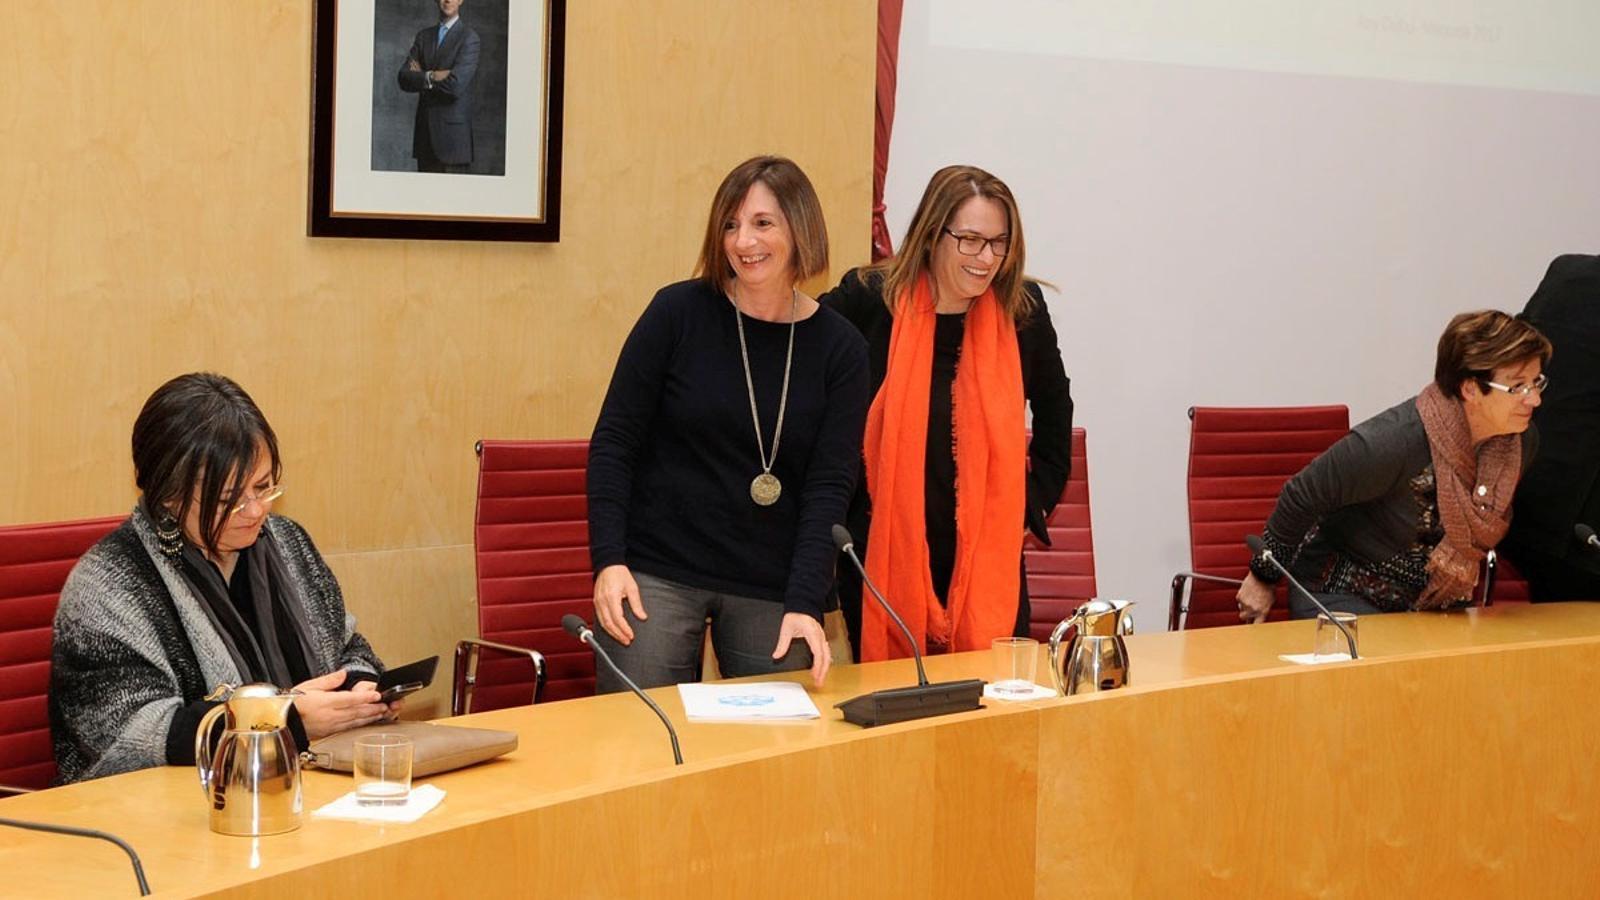 La seu del Consell a Maó ha viscut un intens debat entre Maite Salord i Salomé Cabrera.